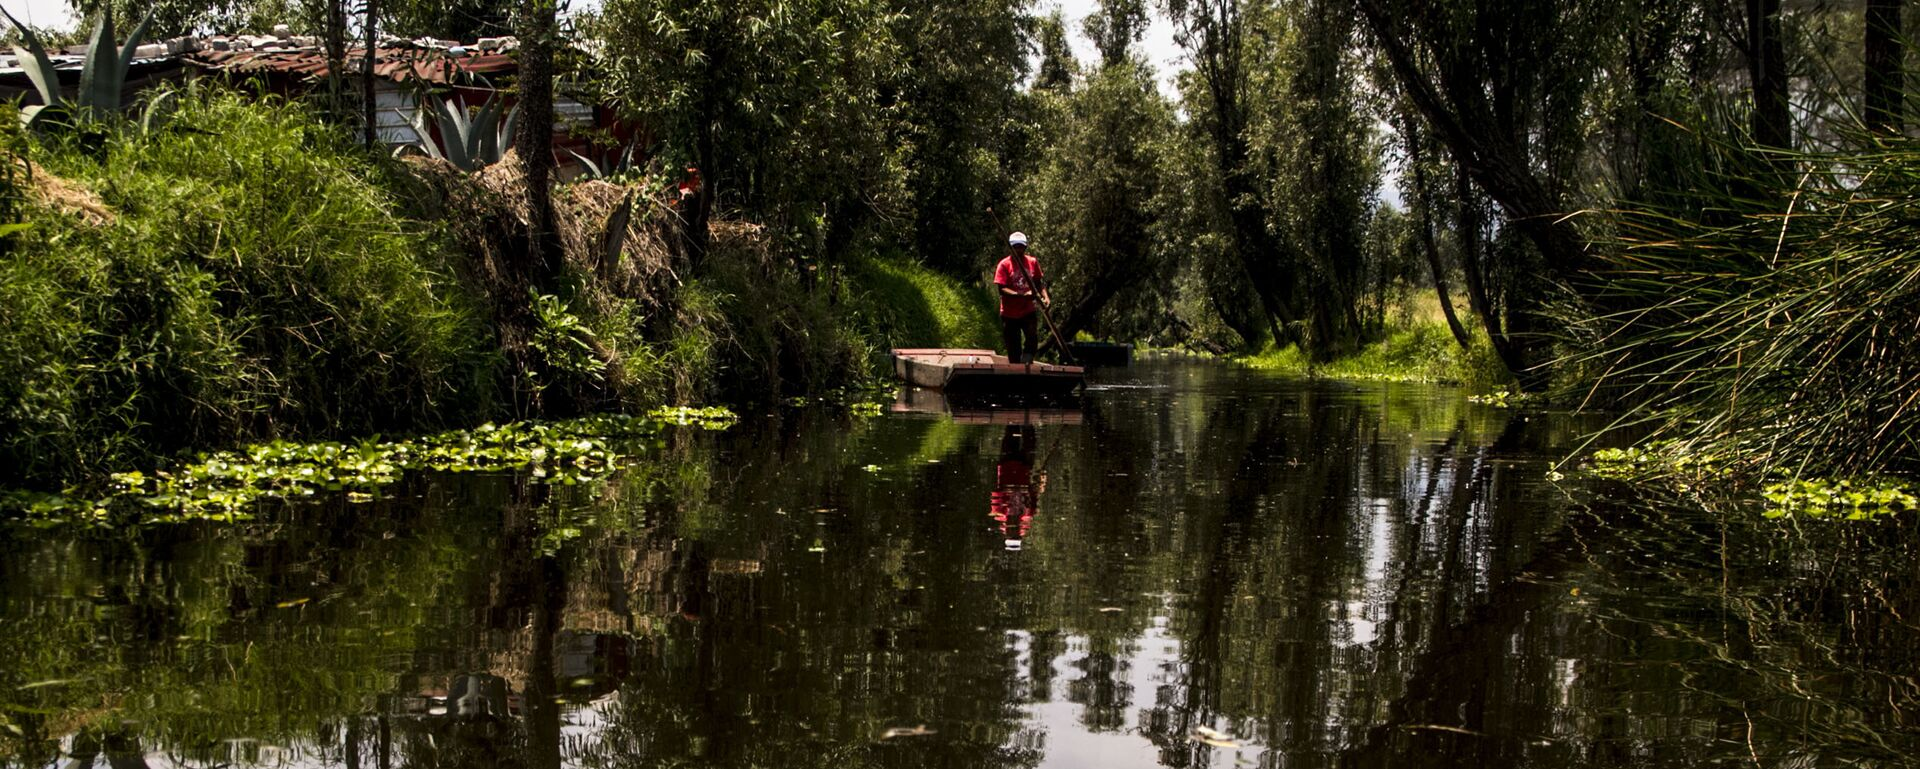 Campesino en el canal de Xochimilco el último lago de la Ciudad de México - Sputnik Mundo, 1920, 31.03.2021